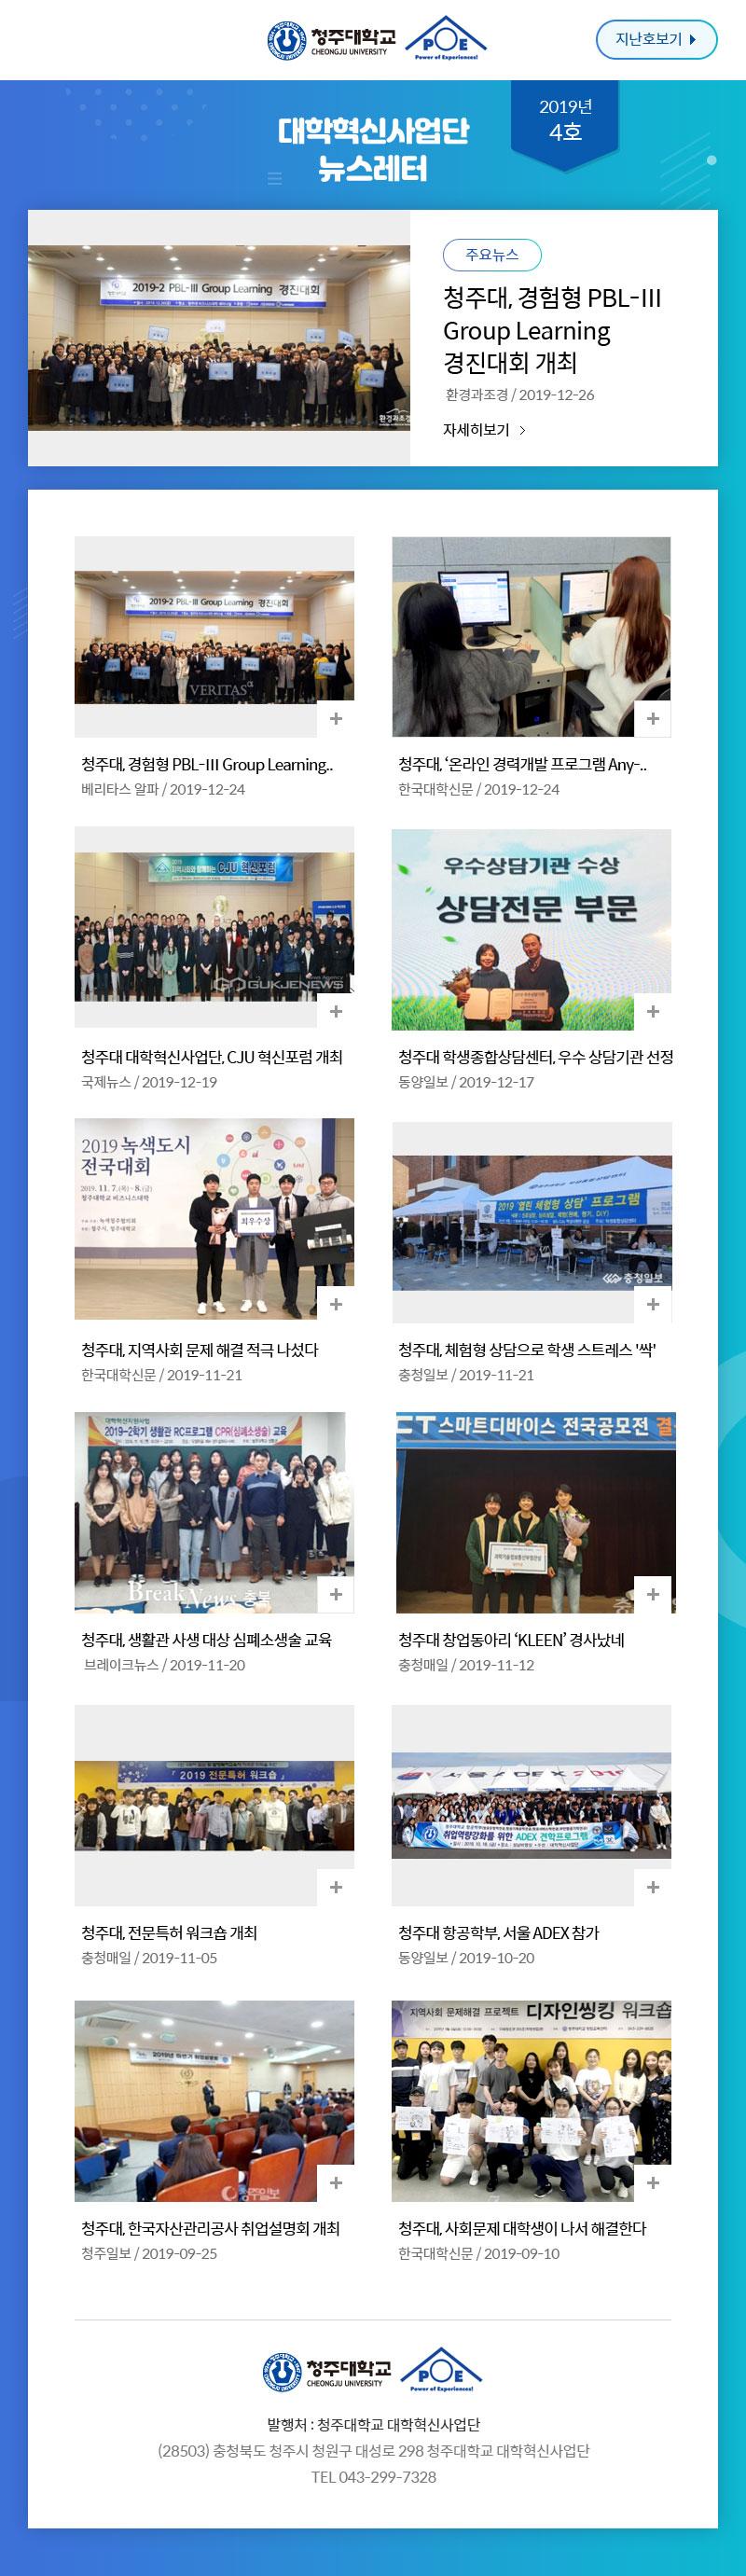 대학혁신사업단 뉴스레터 2019년 4호 뉴스레터